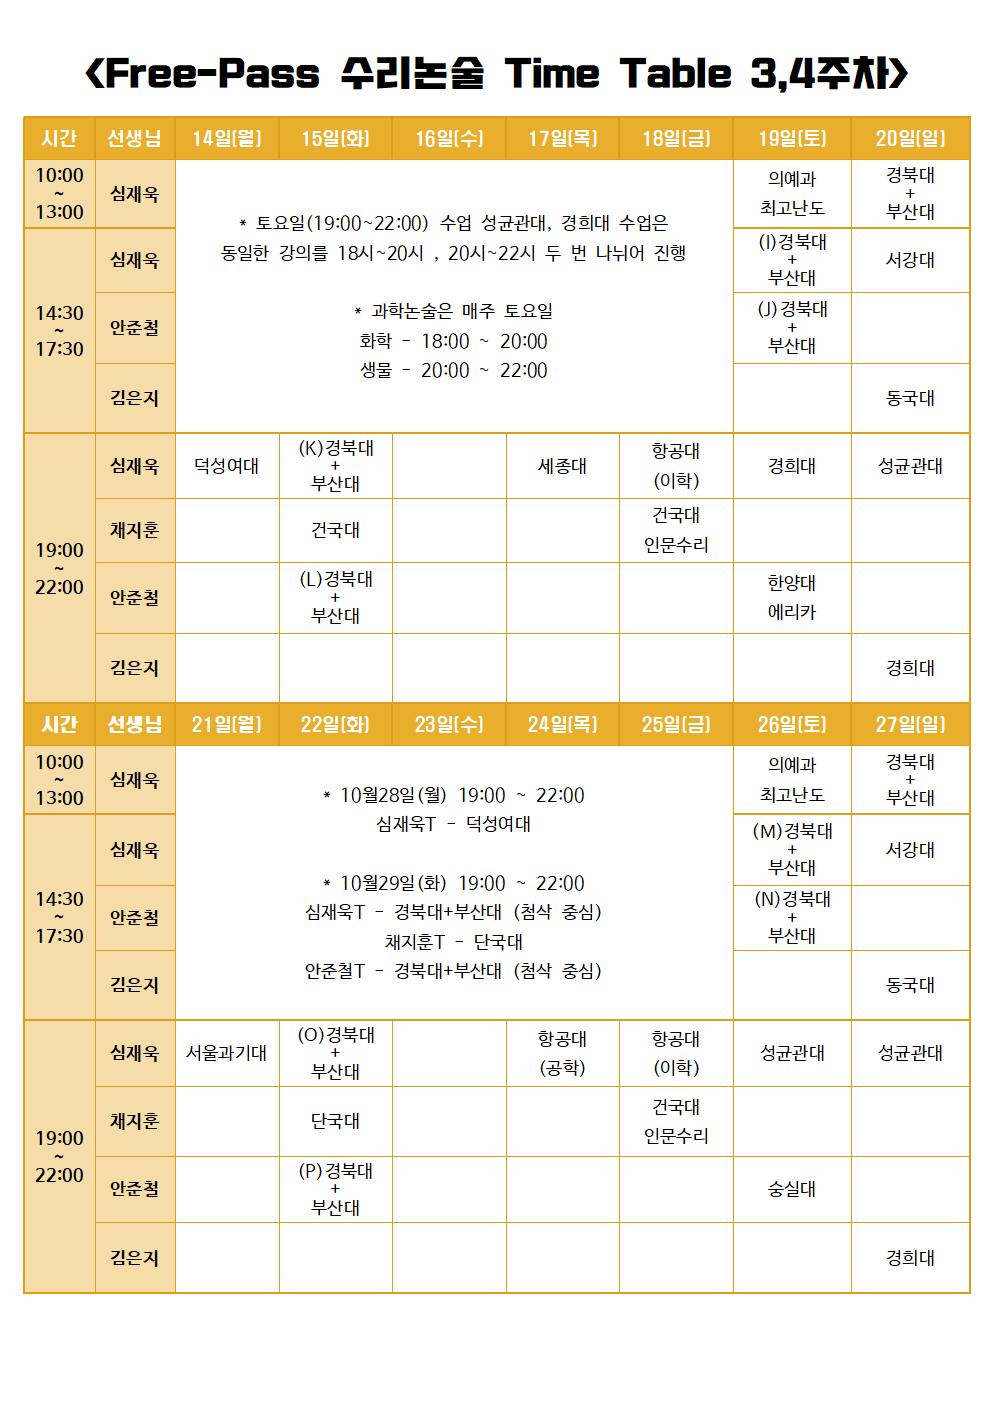 프리패스시간표(최최종)004.png